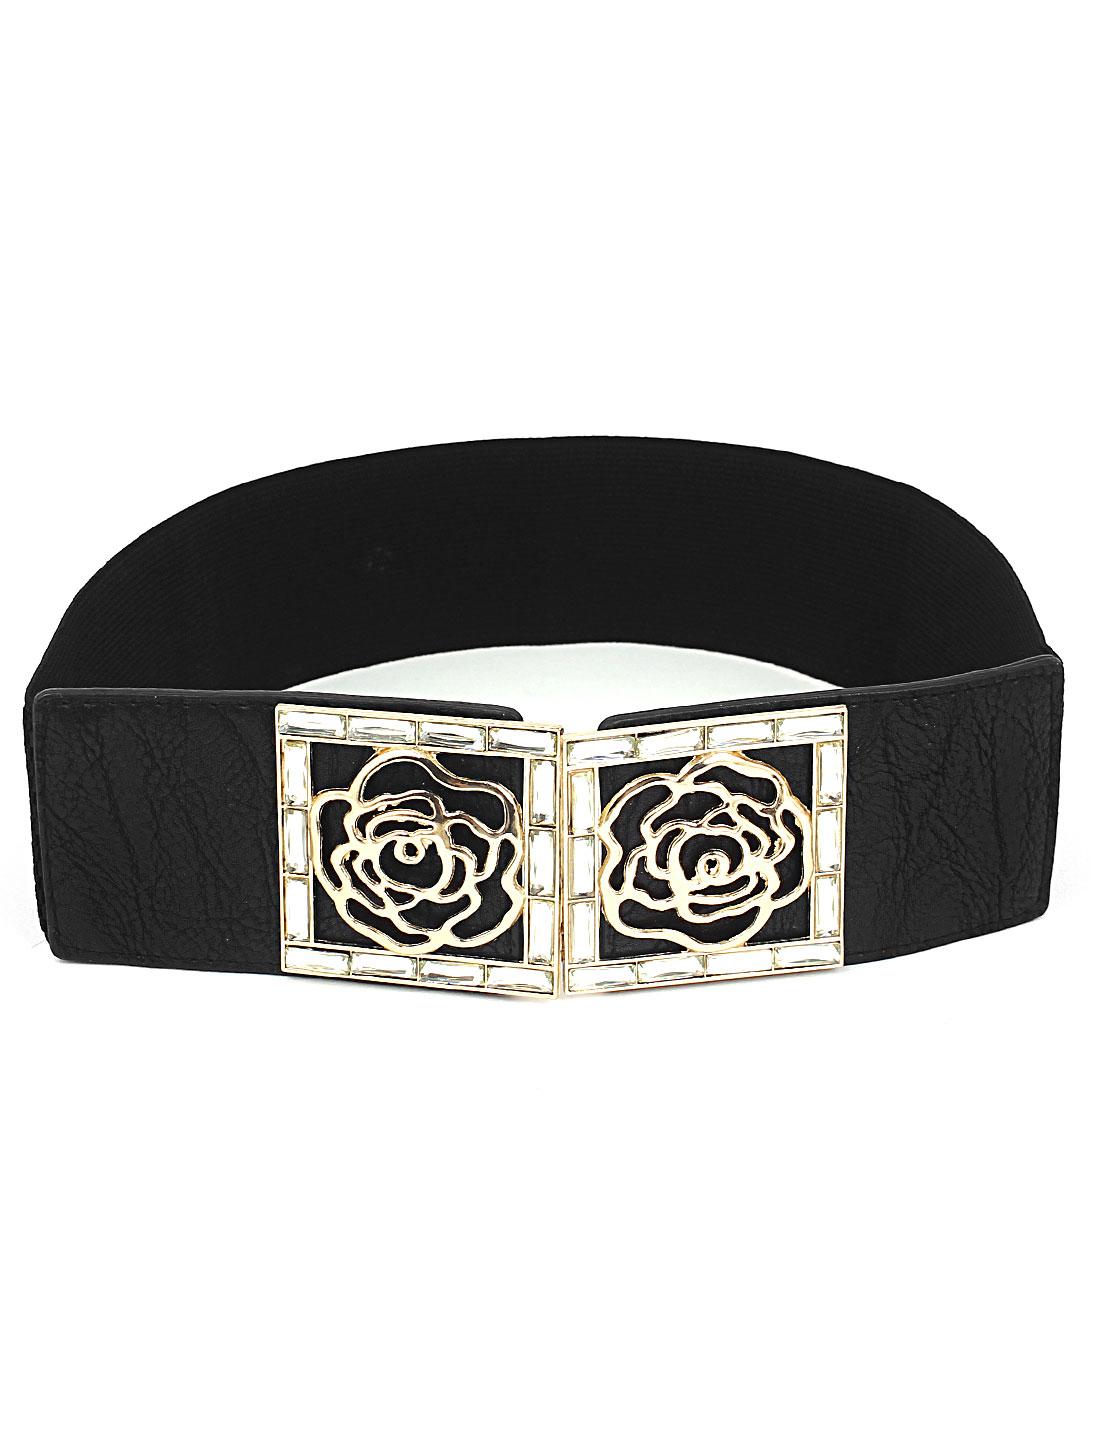 Women Rose Shaped Metal Interlock Buckle Elastic Cinch Waist Belt Band Waistband Black